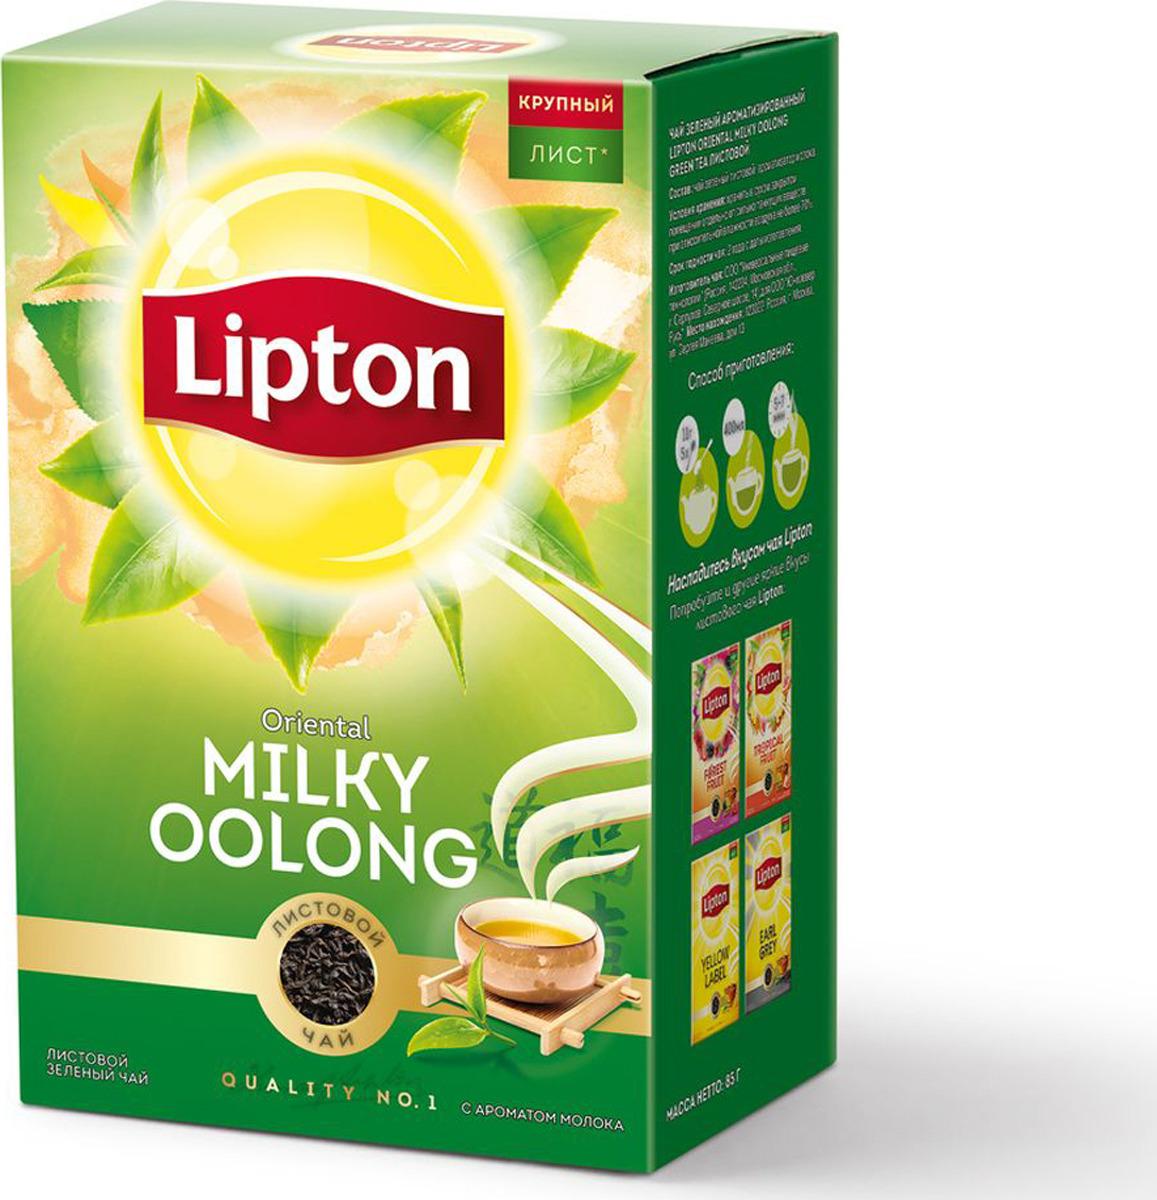 Lipton Milky Oolong зеленый листовой чай, 85 г чай lipton oriental temple зеленый байховый